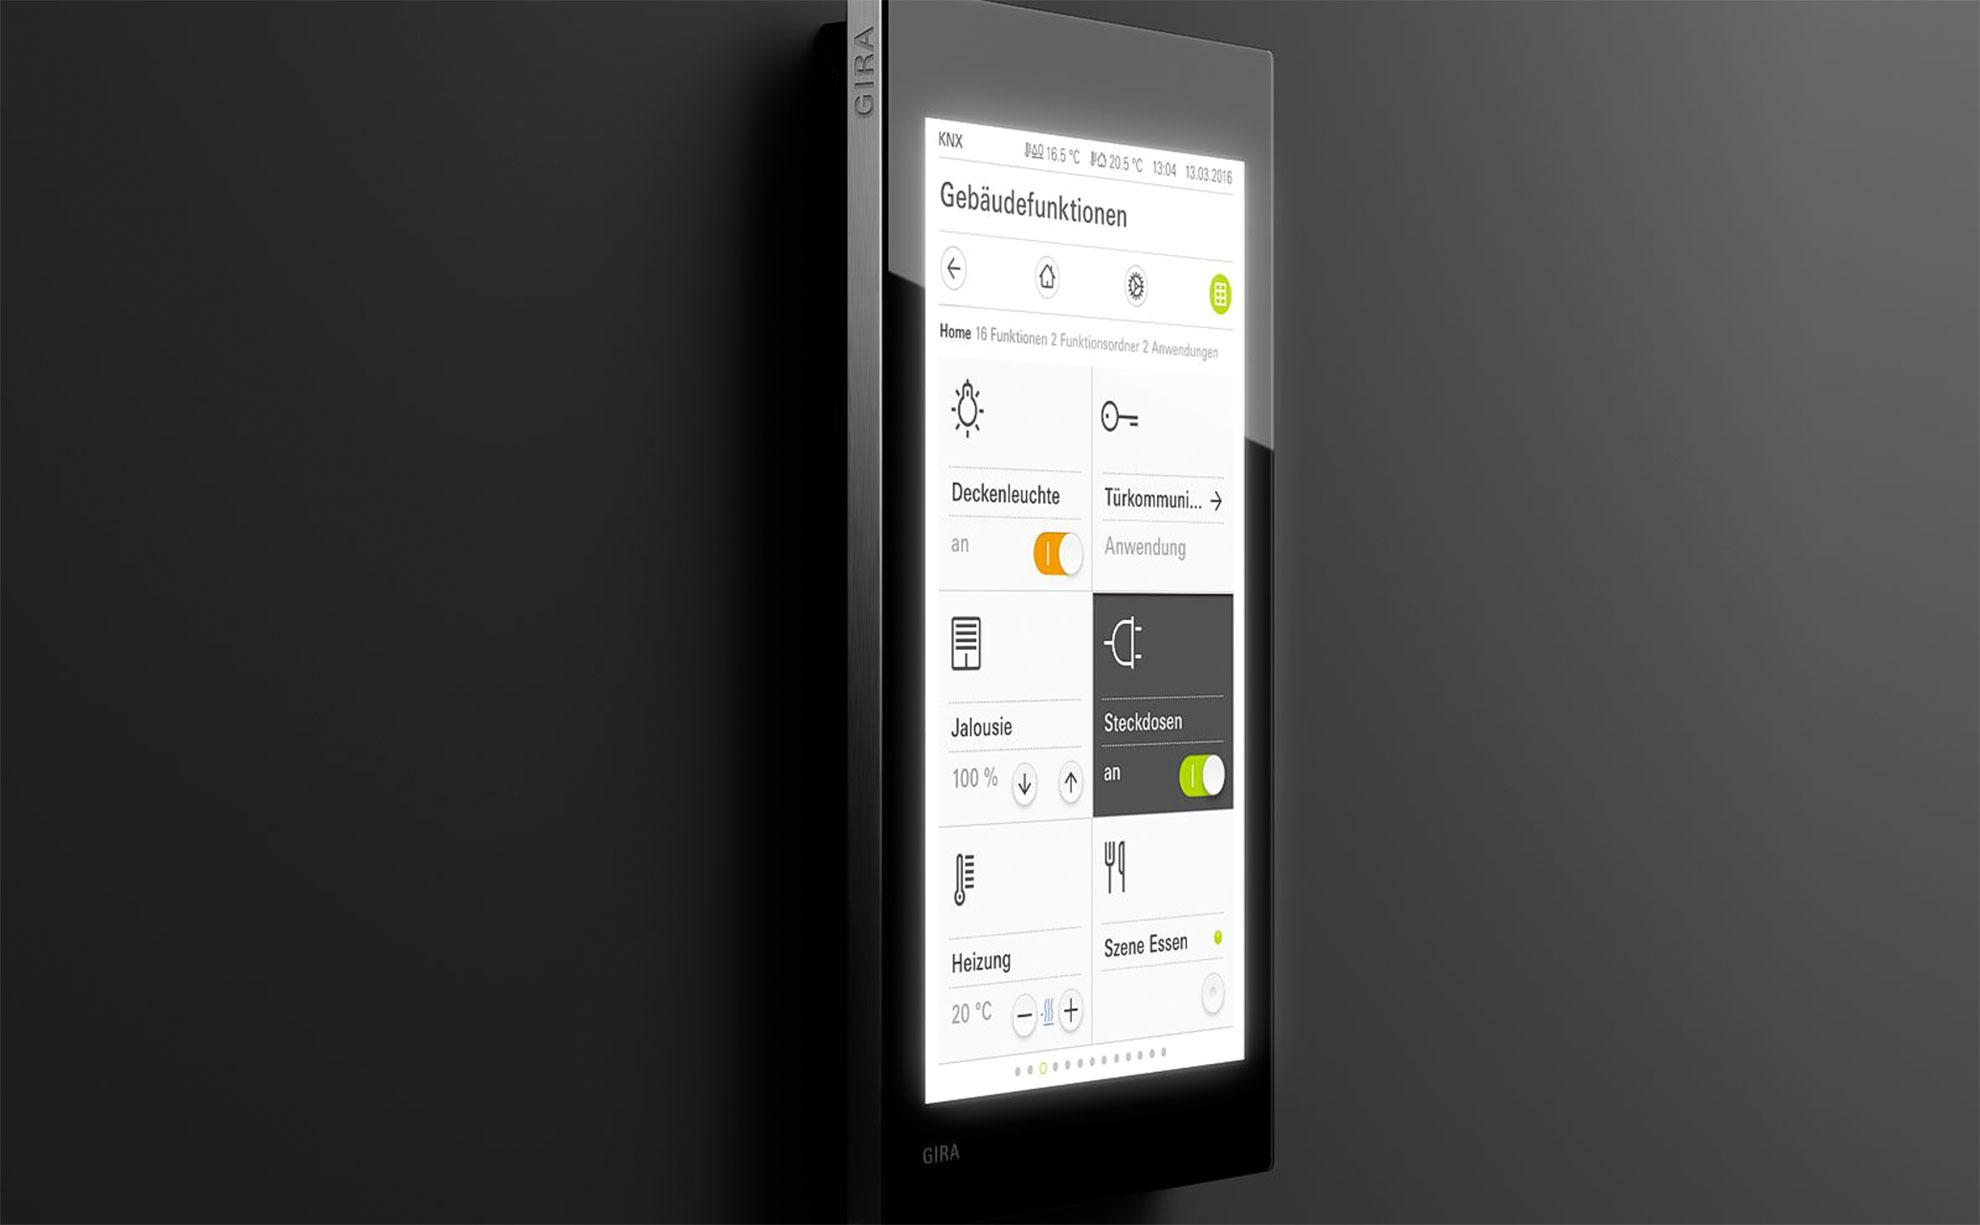 Gira G1 как устройство управления помещением KNX - Модуль датчика температуры